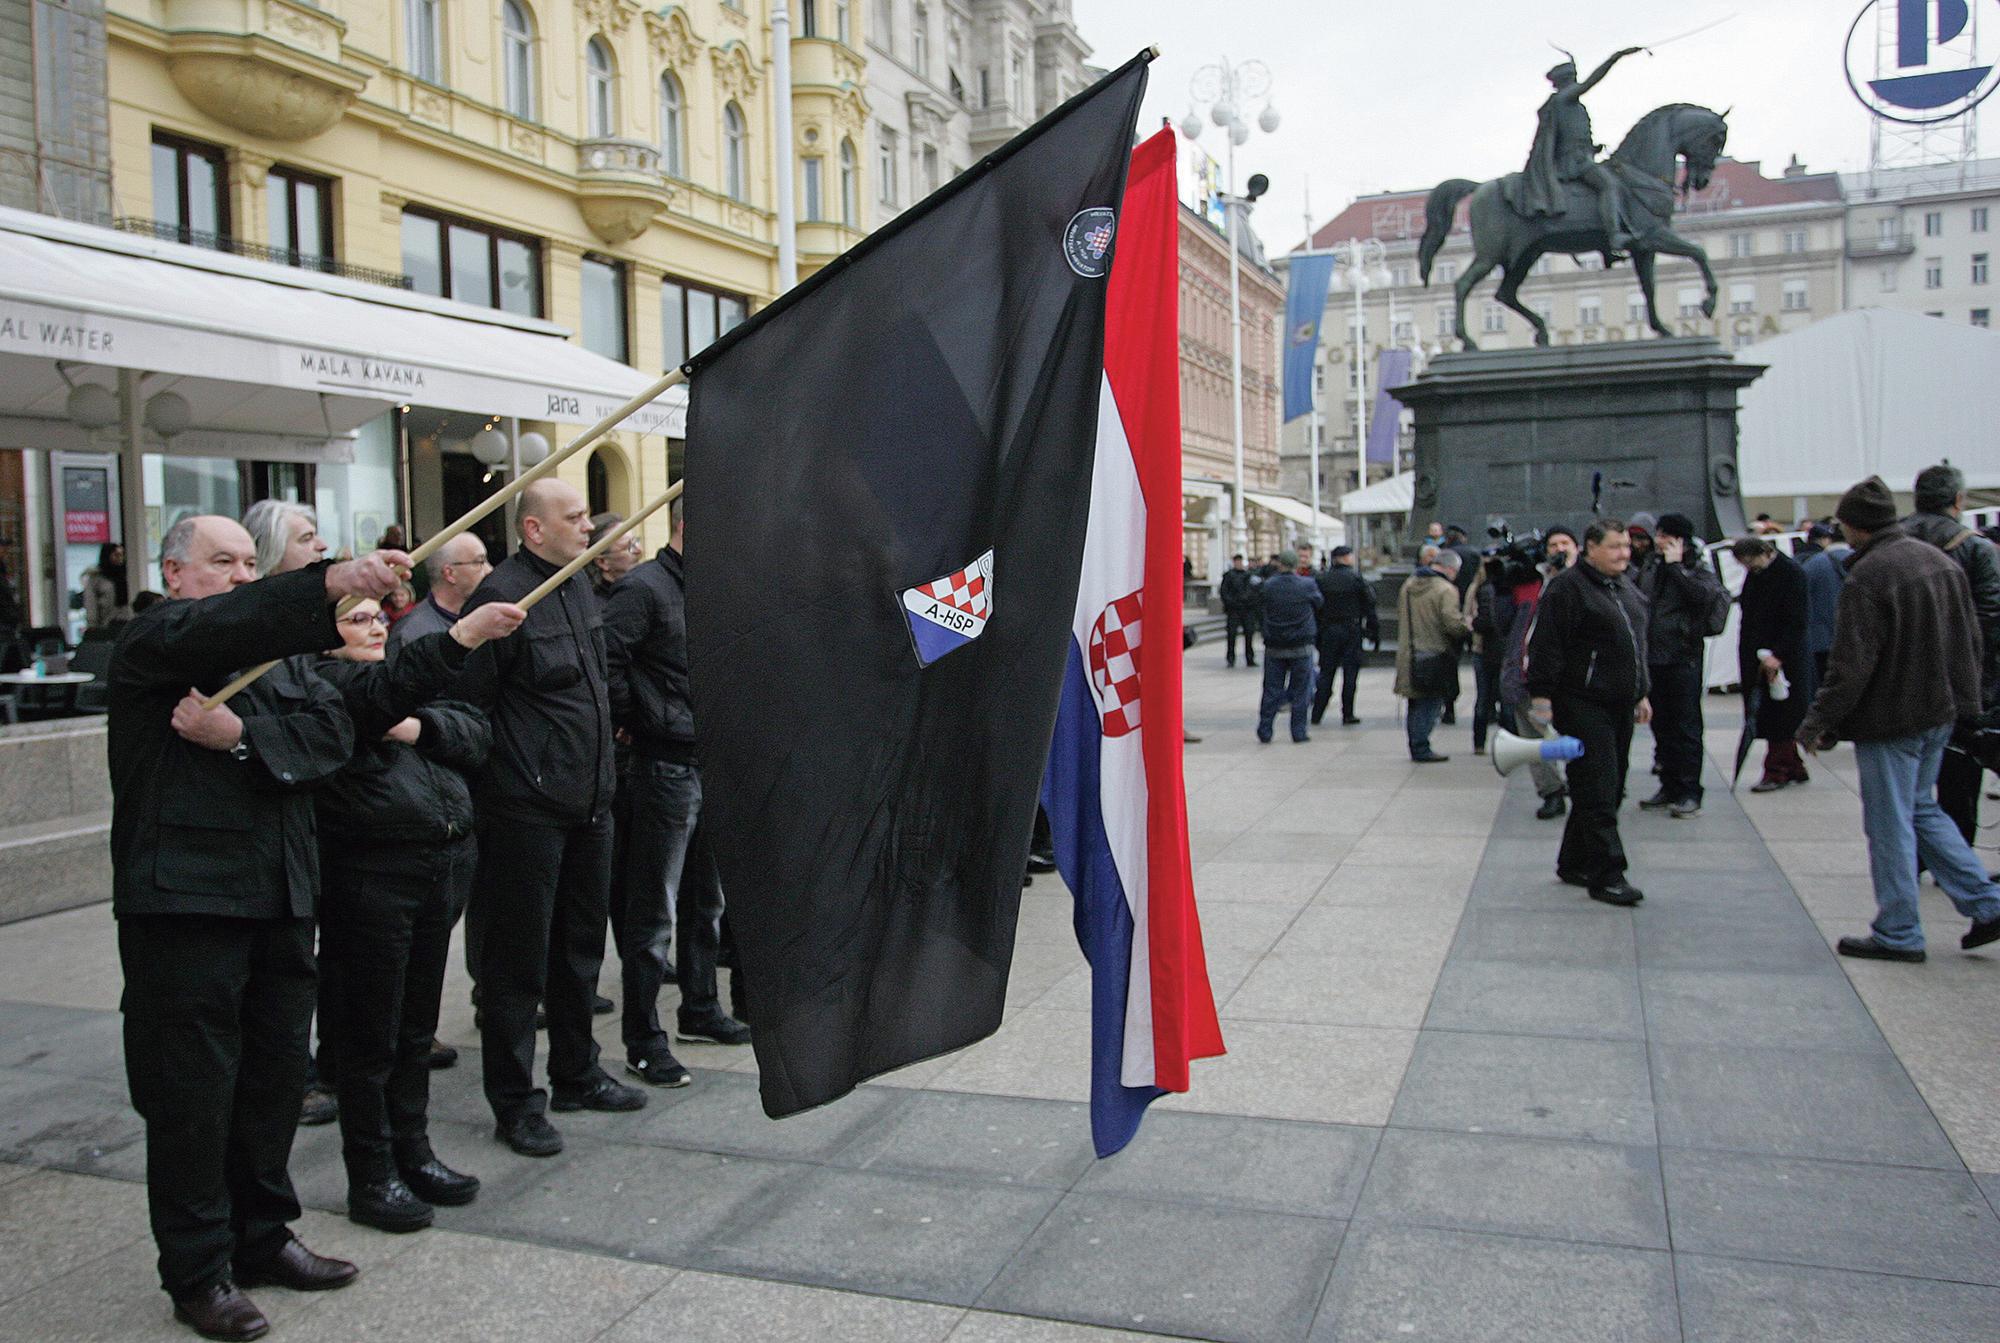 Postrojavanje crnokošuljaša, stranačke vojske Autohtone hrvatske stranke prava